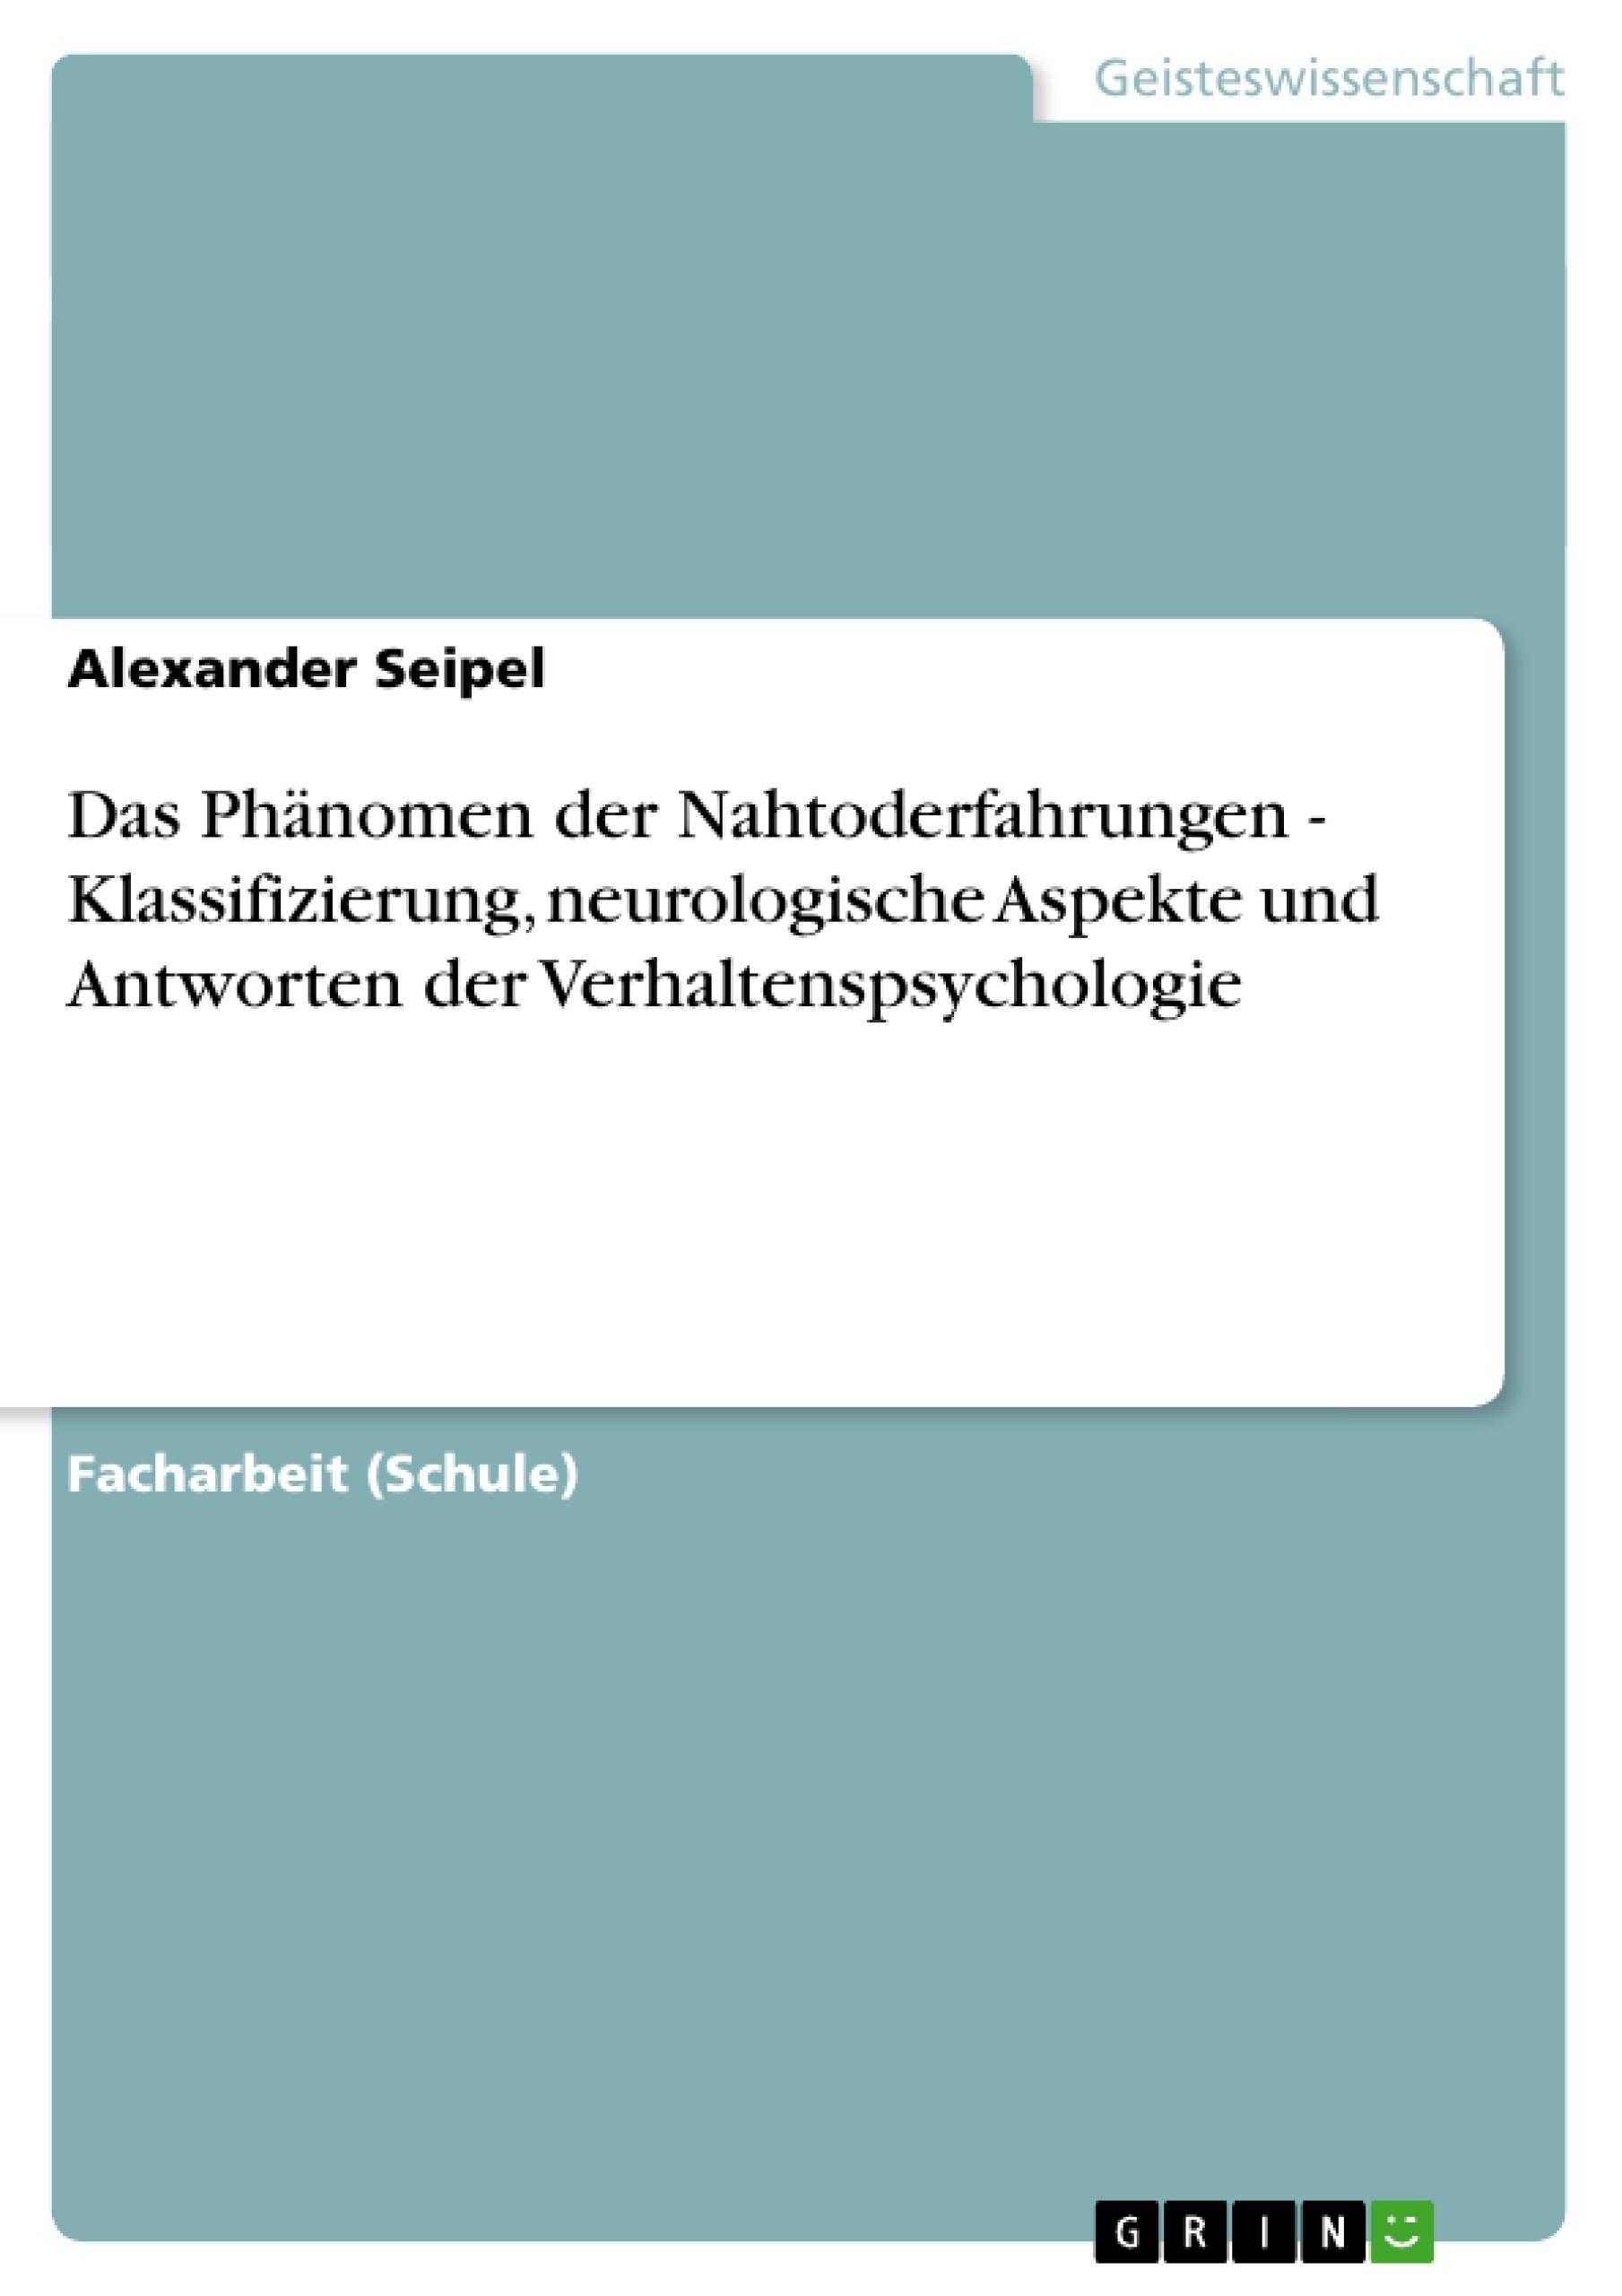 Titel: Das Phänomen der Nahtoderfahrungen - Klassifizierung, neurologische Aspekte und Antworten der Verhaltenspsychologie